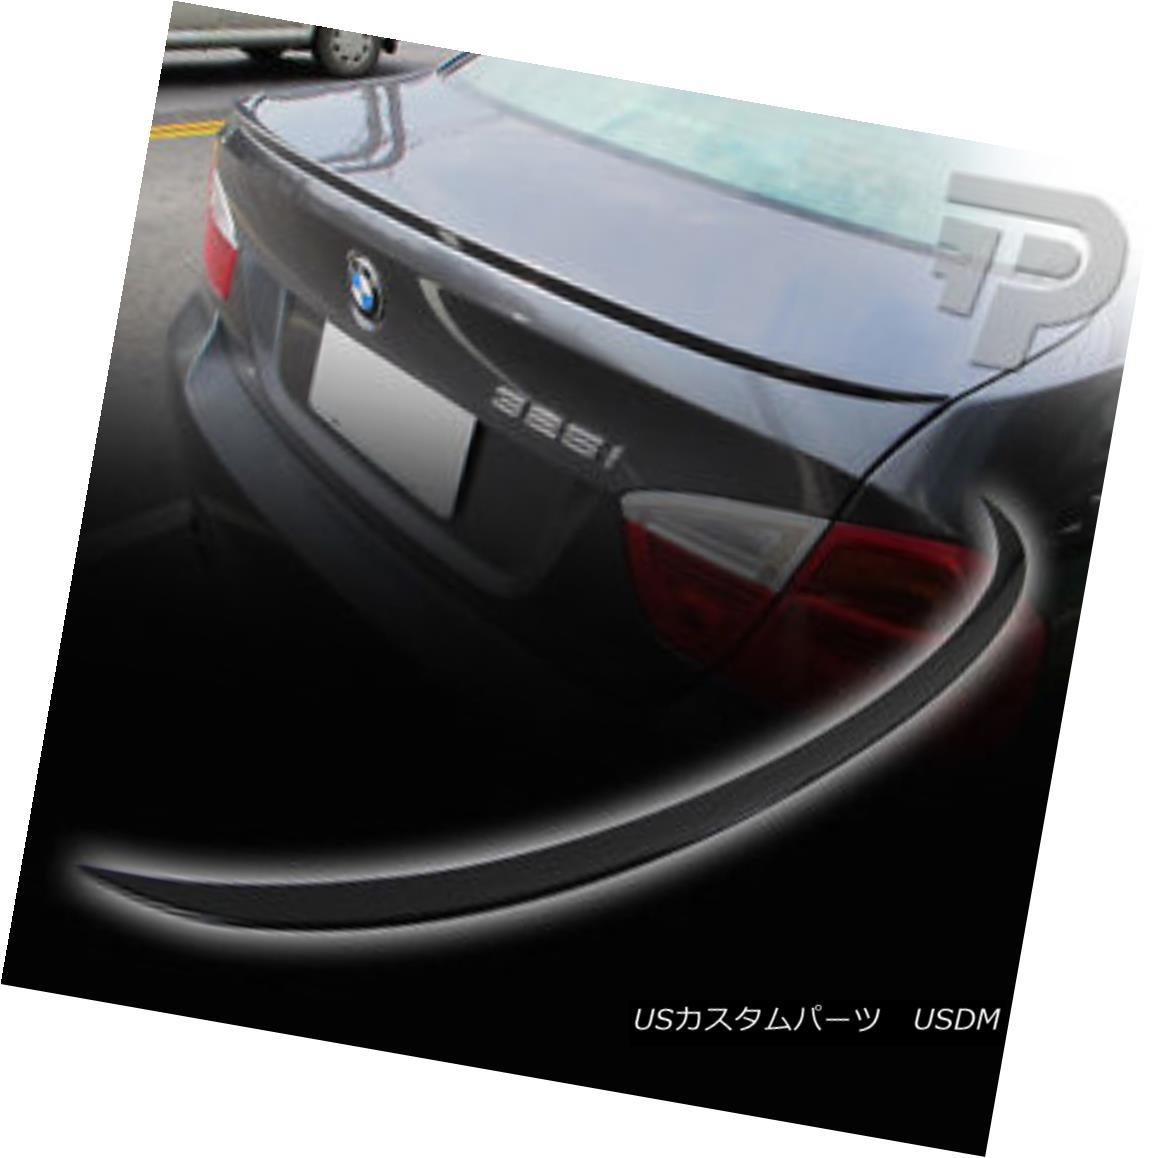 エアロパーツ PAINTED BMW 3-SERIES E90 SEDAN M3 TYPE REAR TRUNK SPOILER ▼ 塗装BMW 3シリーズE90セダンM3タイプリアトランクスポイラー?